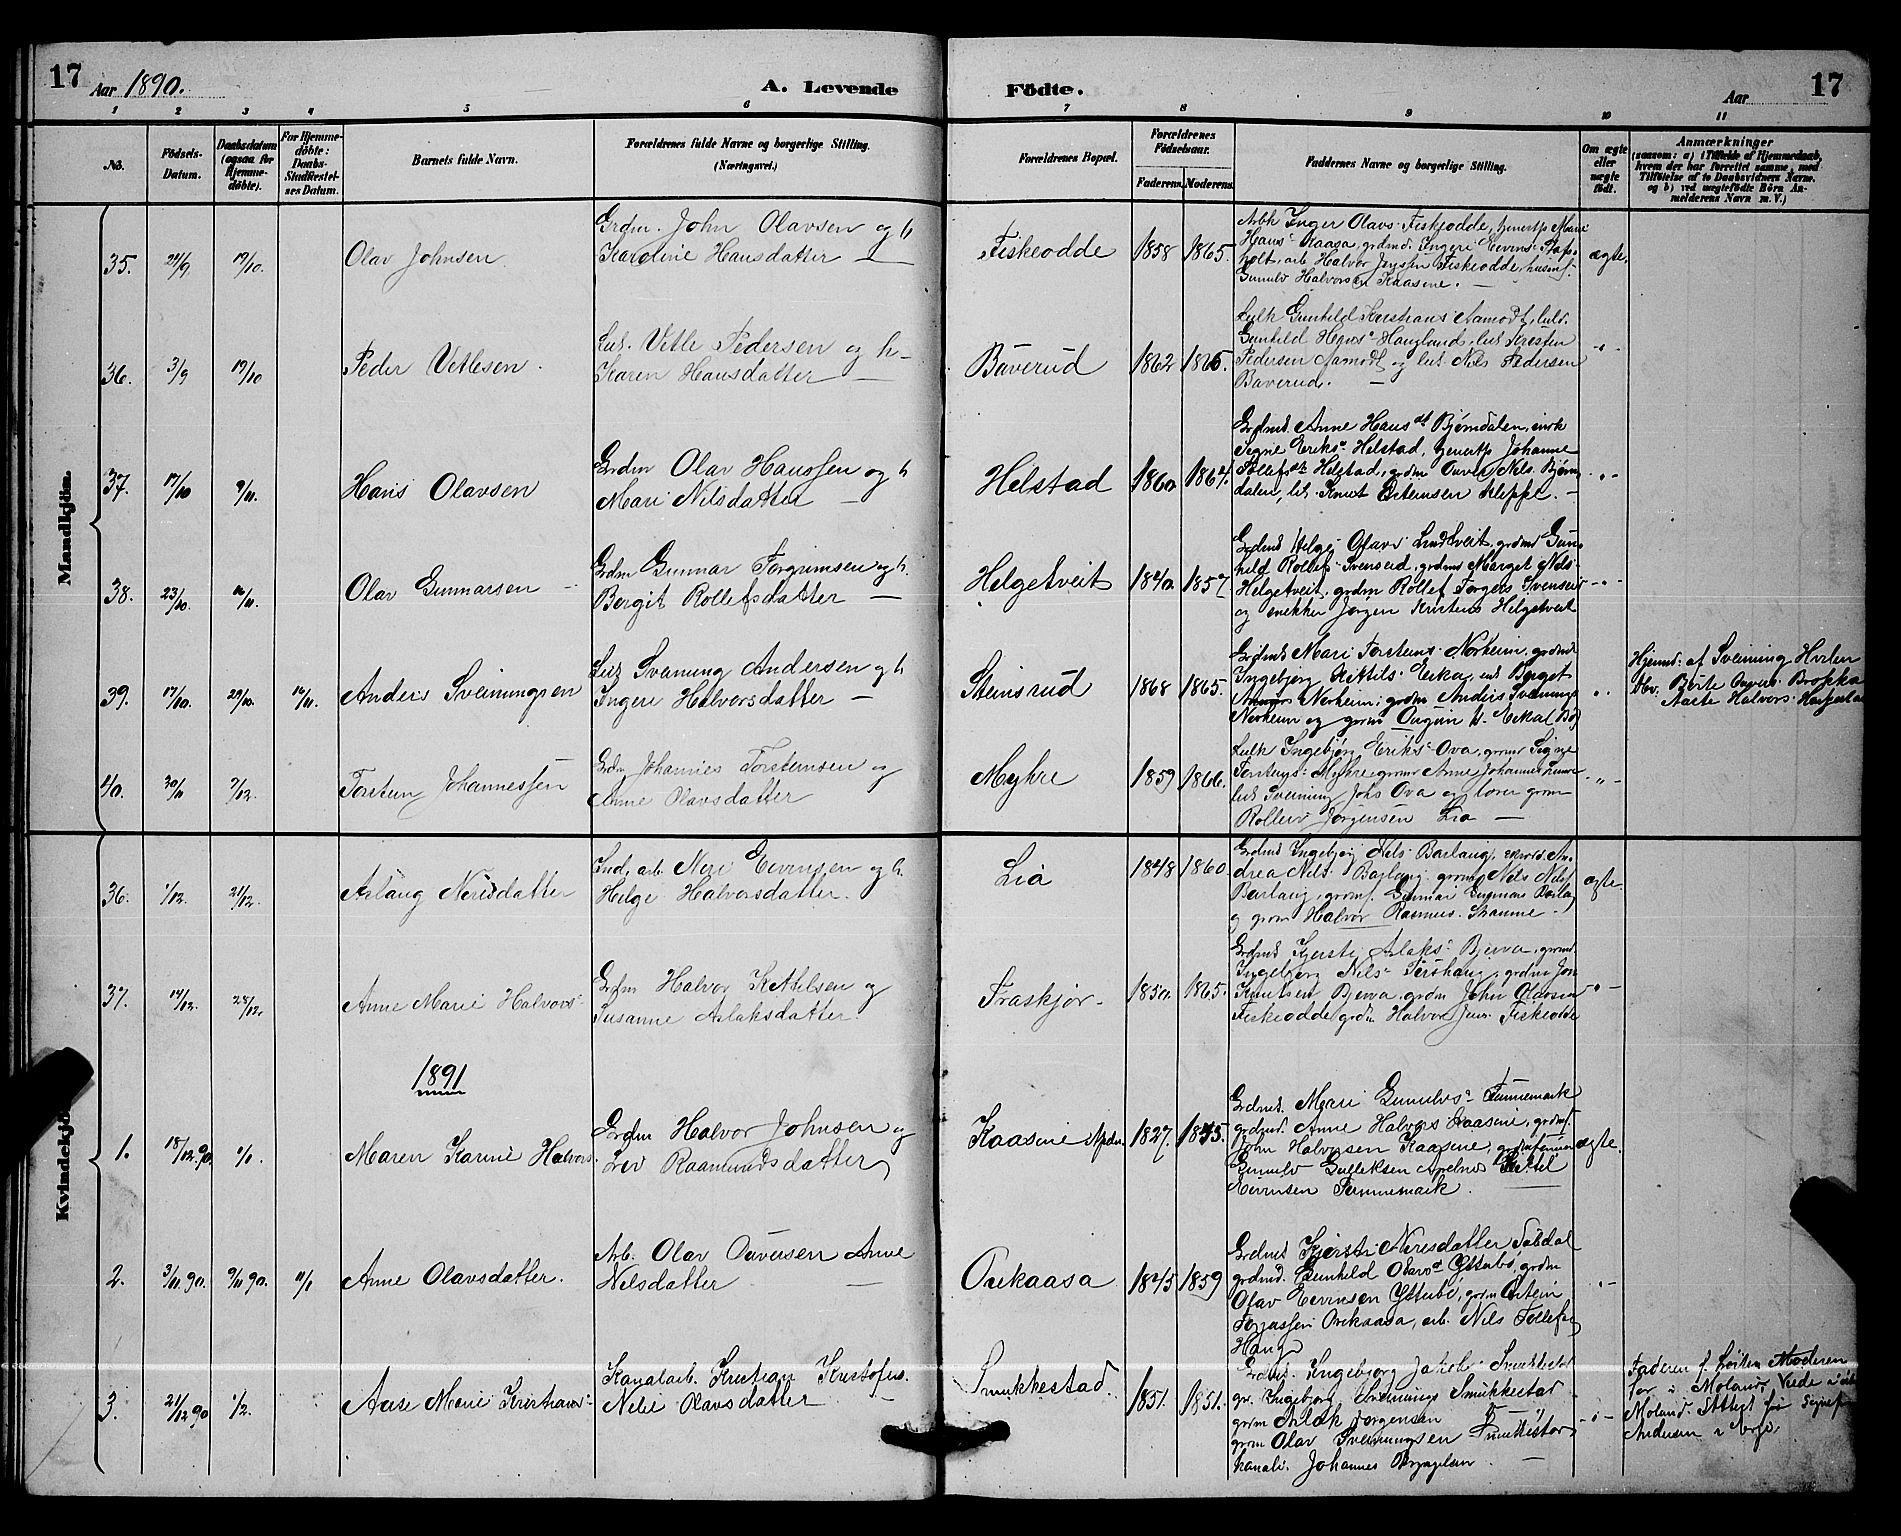 SAKO, Lunde kirkebøker, G/Ga/L0002: Klokkerbok nr. I 2, 1887-1896, s. 17